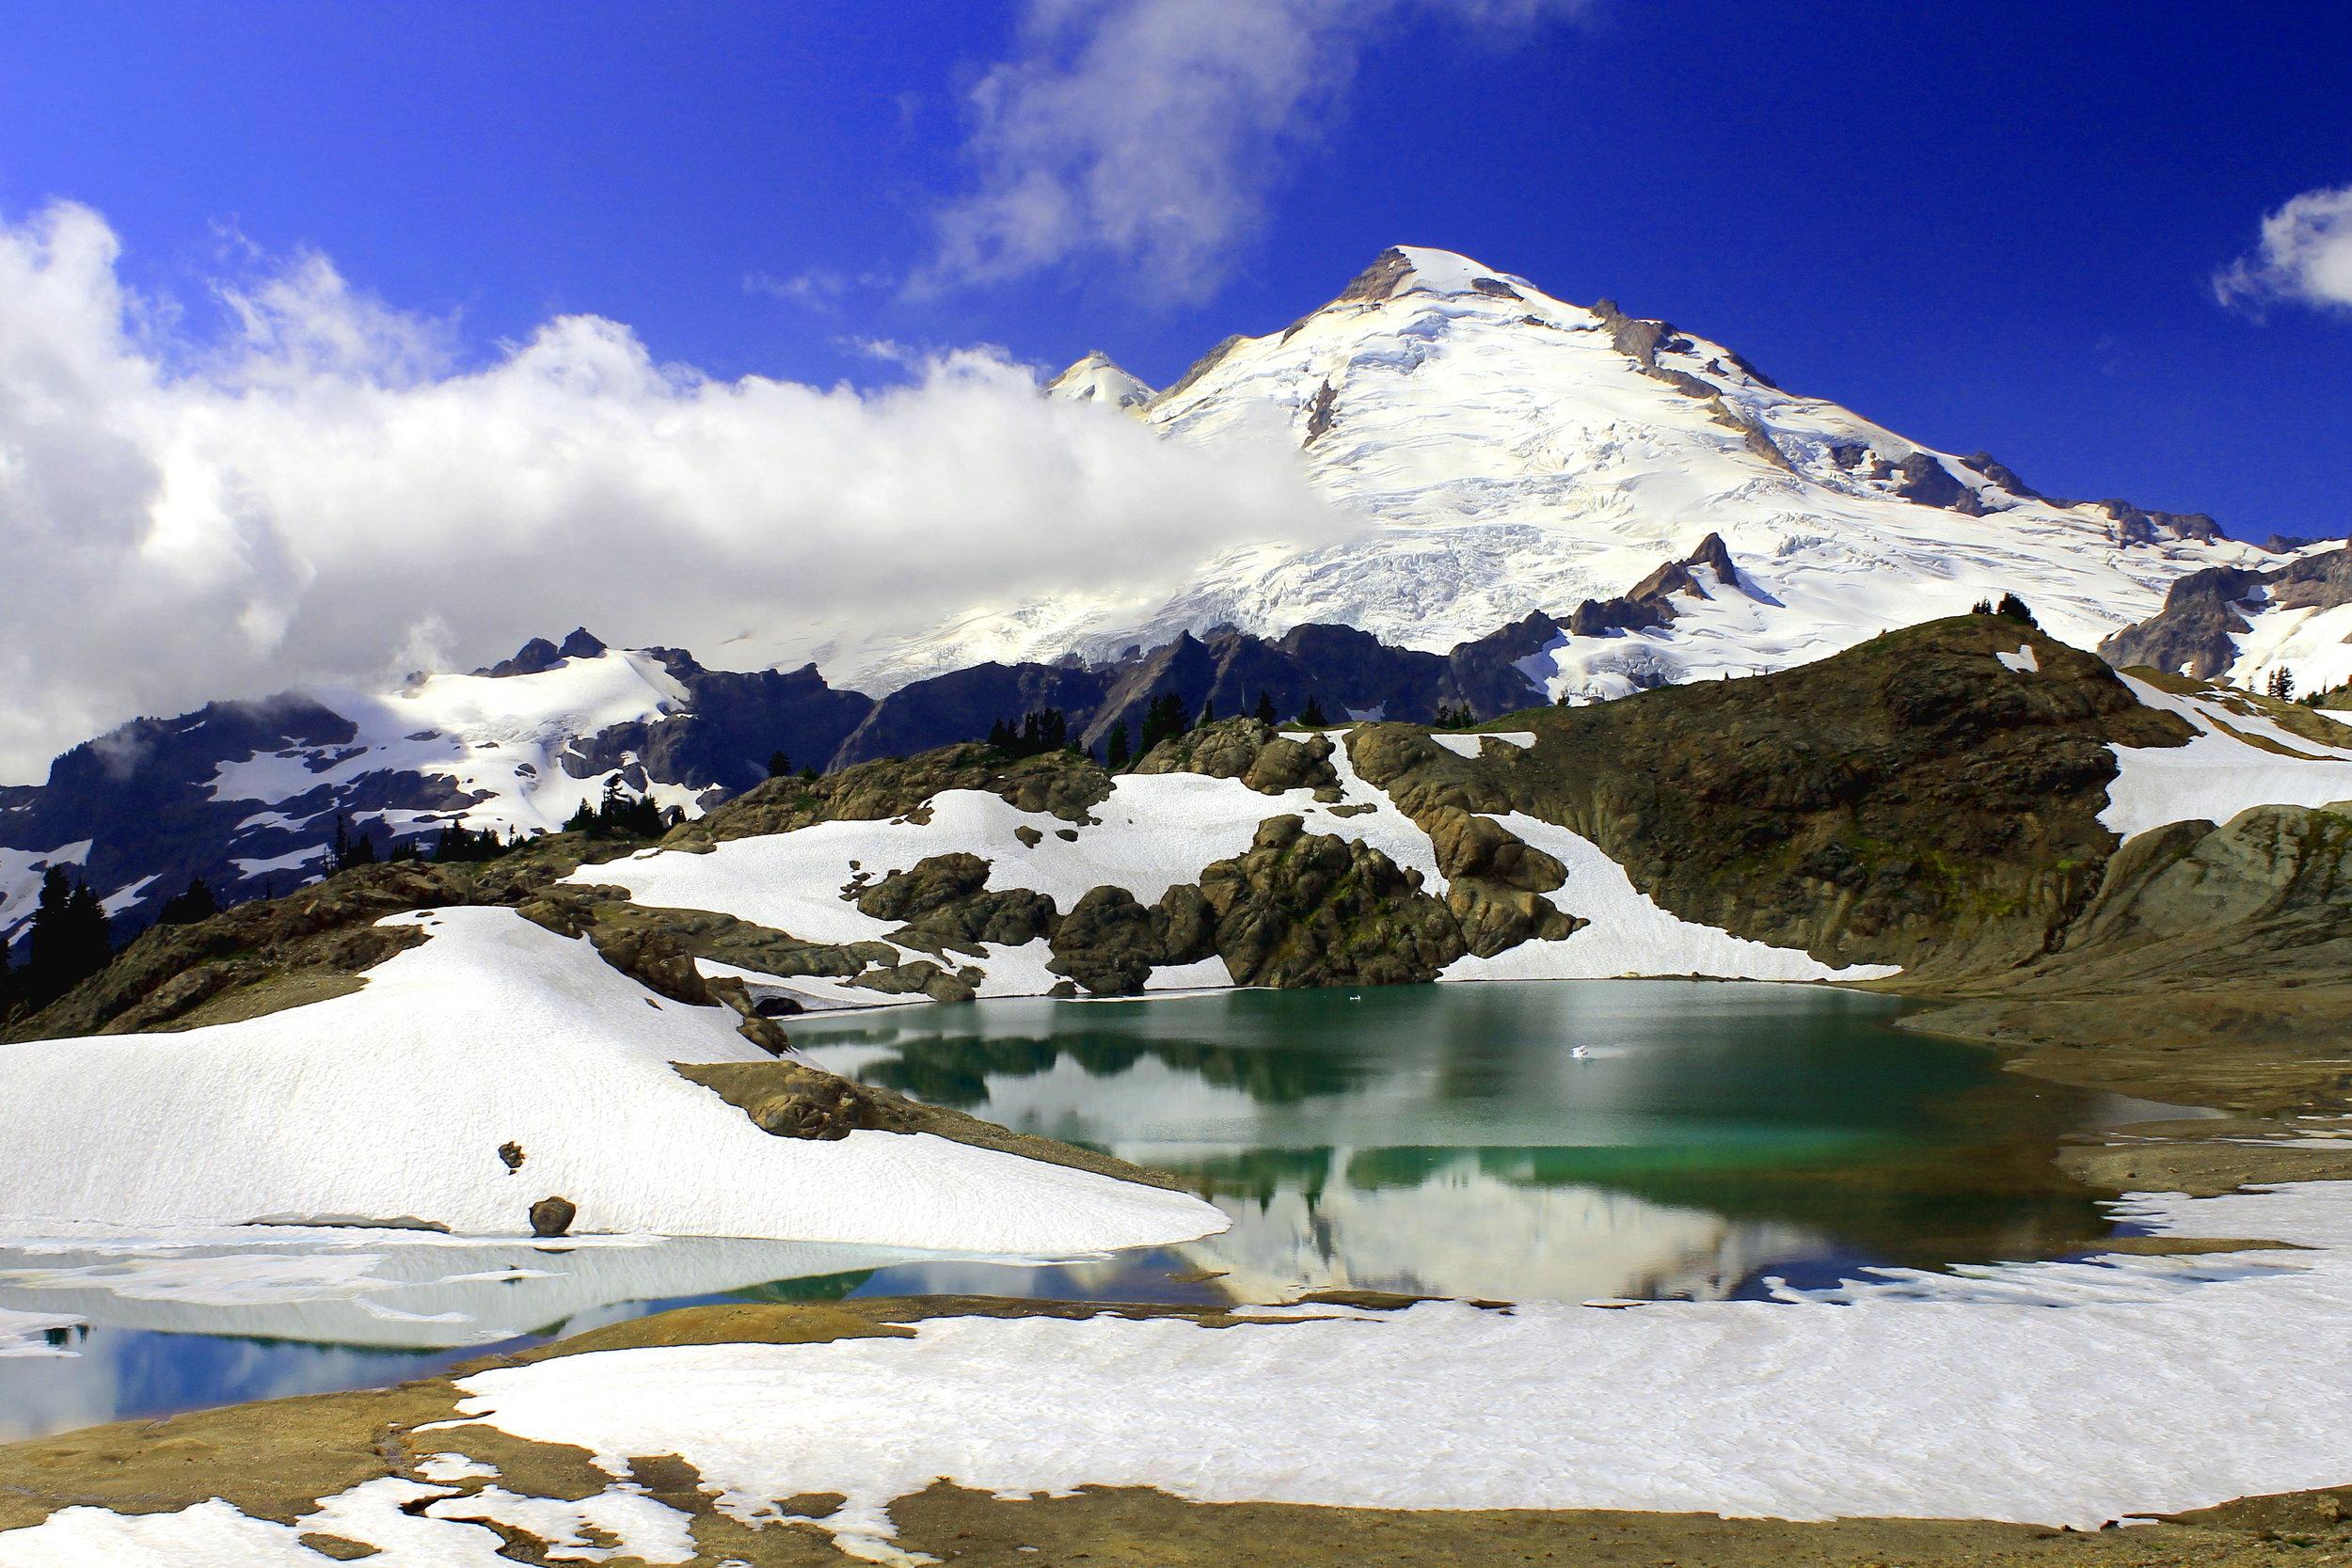 Mount Baker and Thirteen Goats Lake, Mount Baker Wilderness